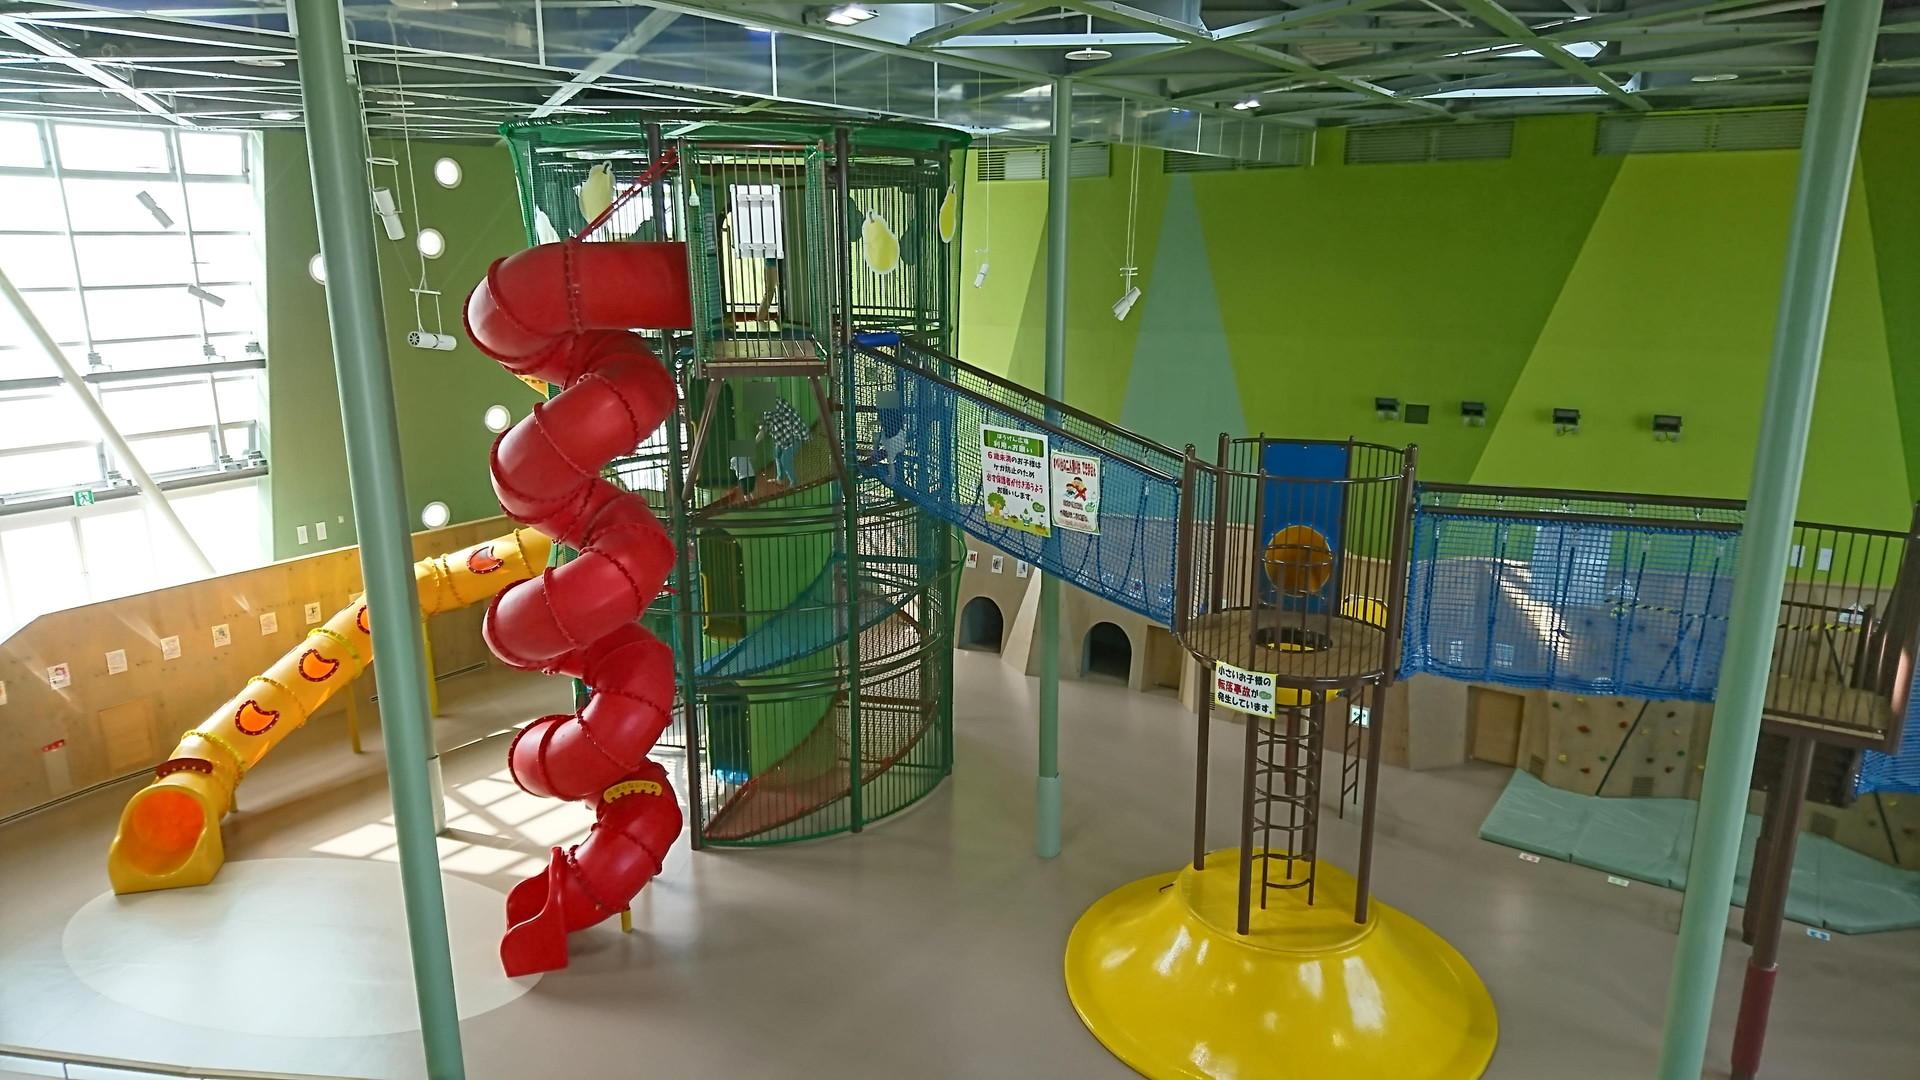 天童市のげんキッズを徹底レポ|室内の無料遊び場では県内最強!?